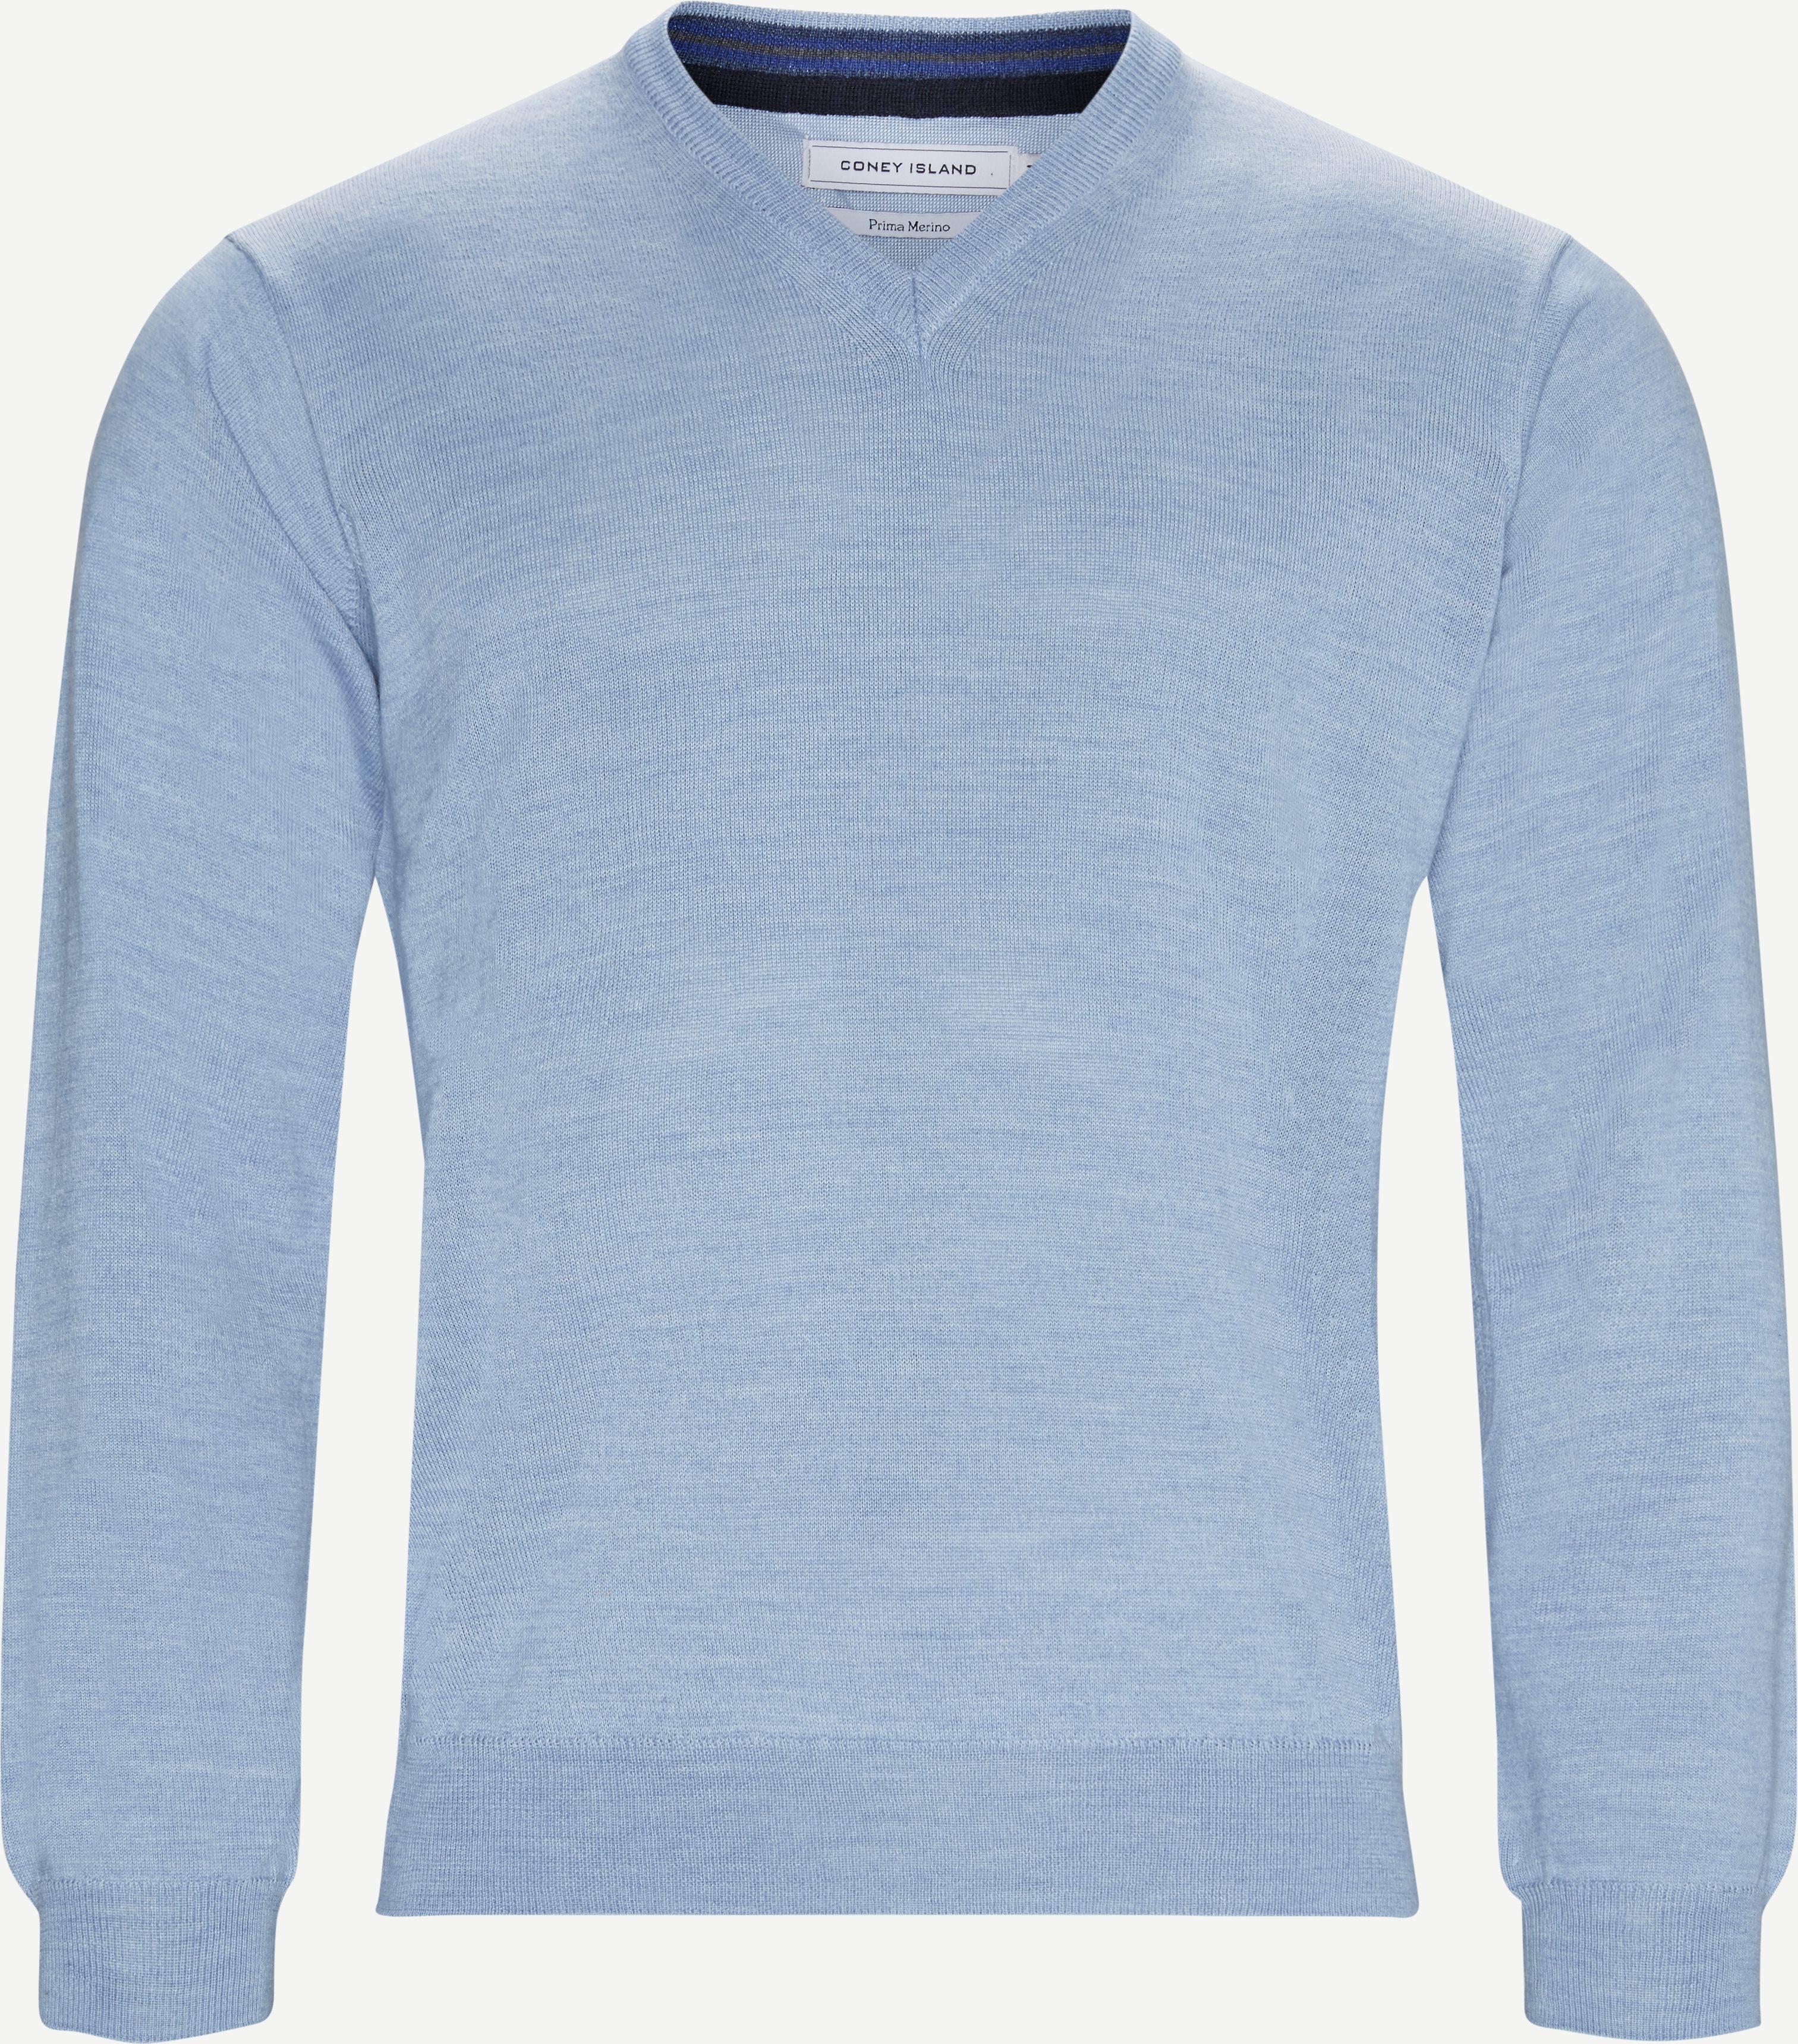 Smaralda V-Neck Striktrøje - Strik - Regular fit - Blå